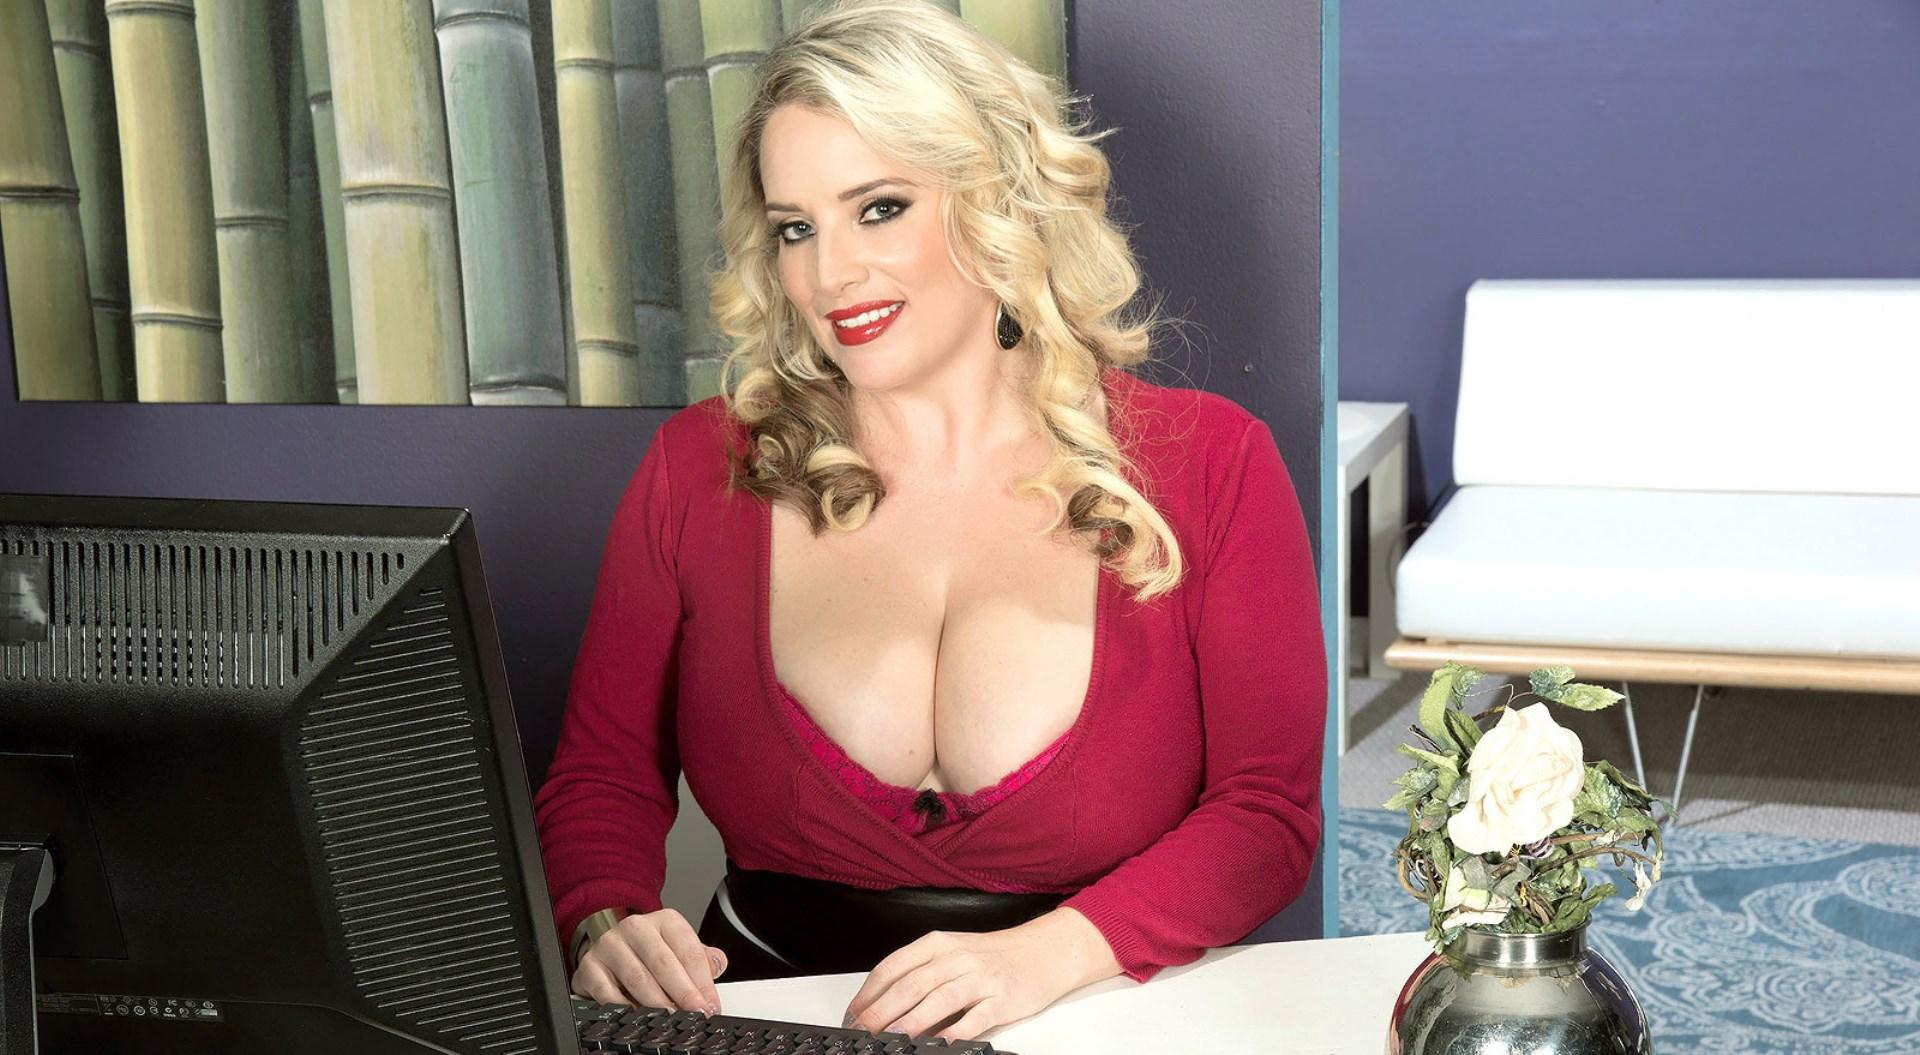 שיחות סקס עם המזכירה